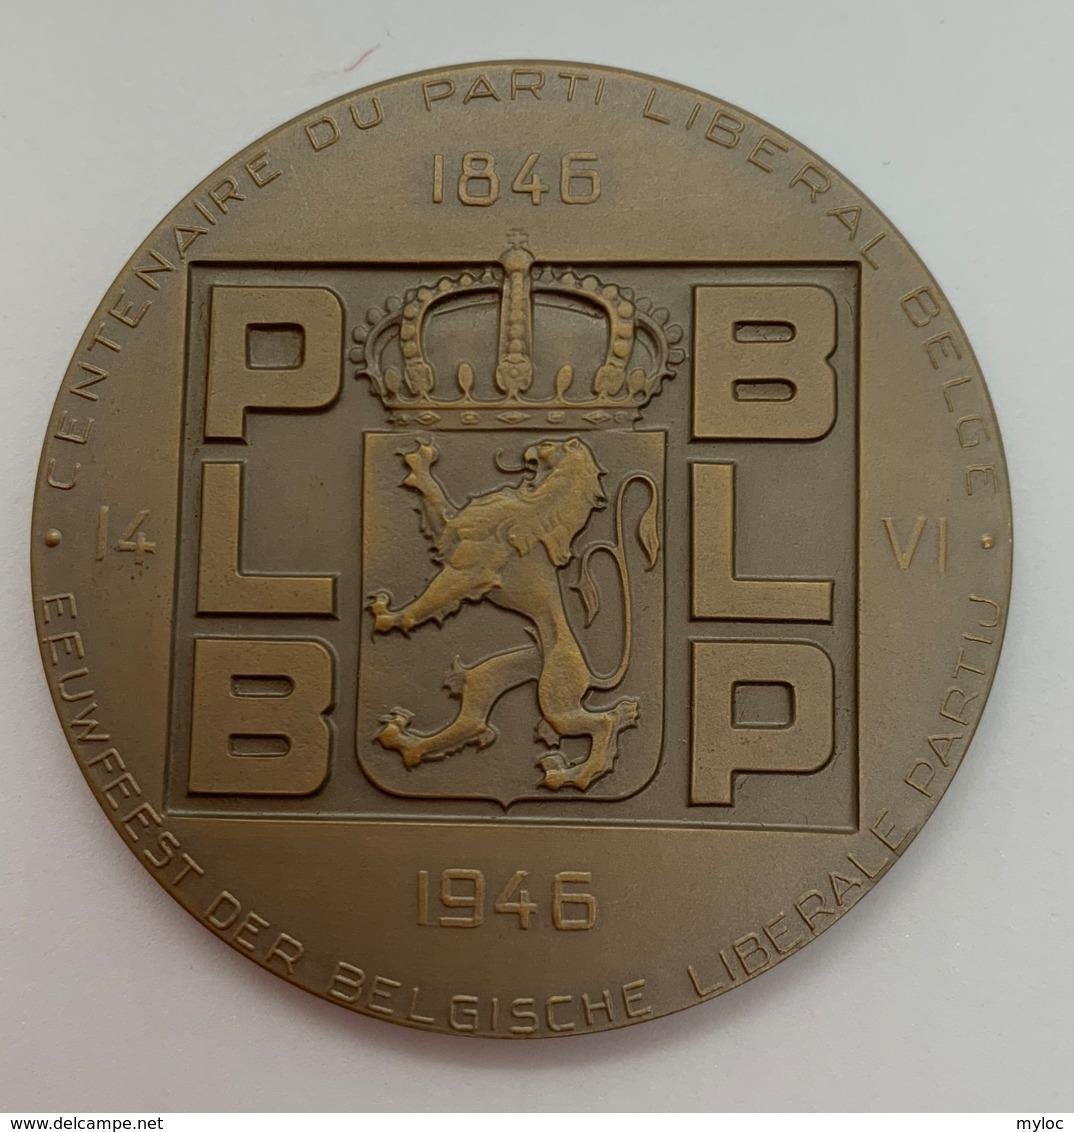 Medaille. Marcel Rau. Centenaire Du Parti Liberal PLB. 1846-1946. 60mm. Avec écrin. - Firma's